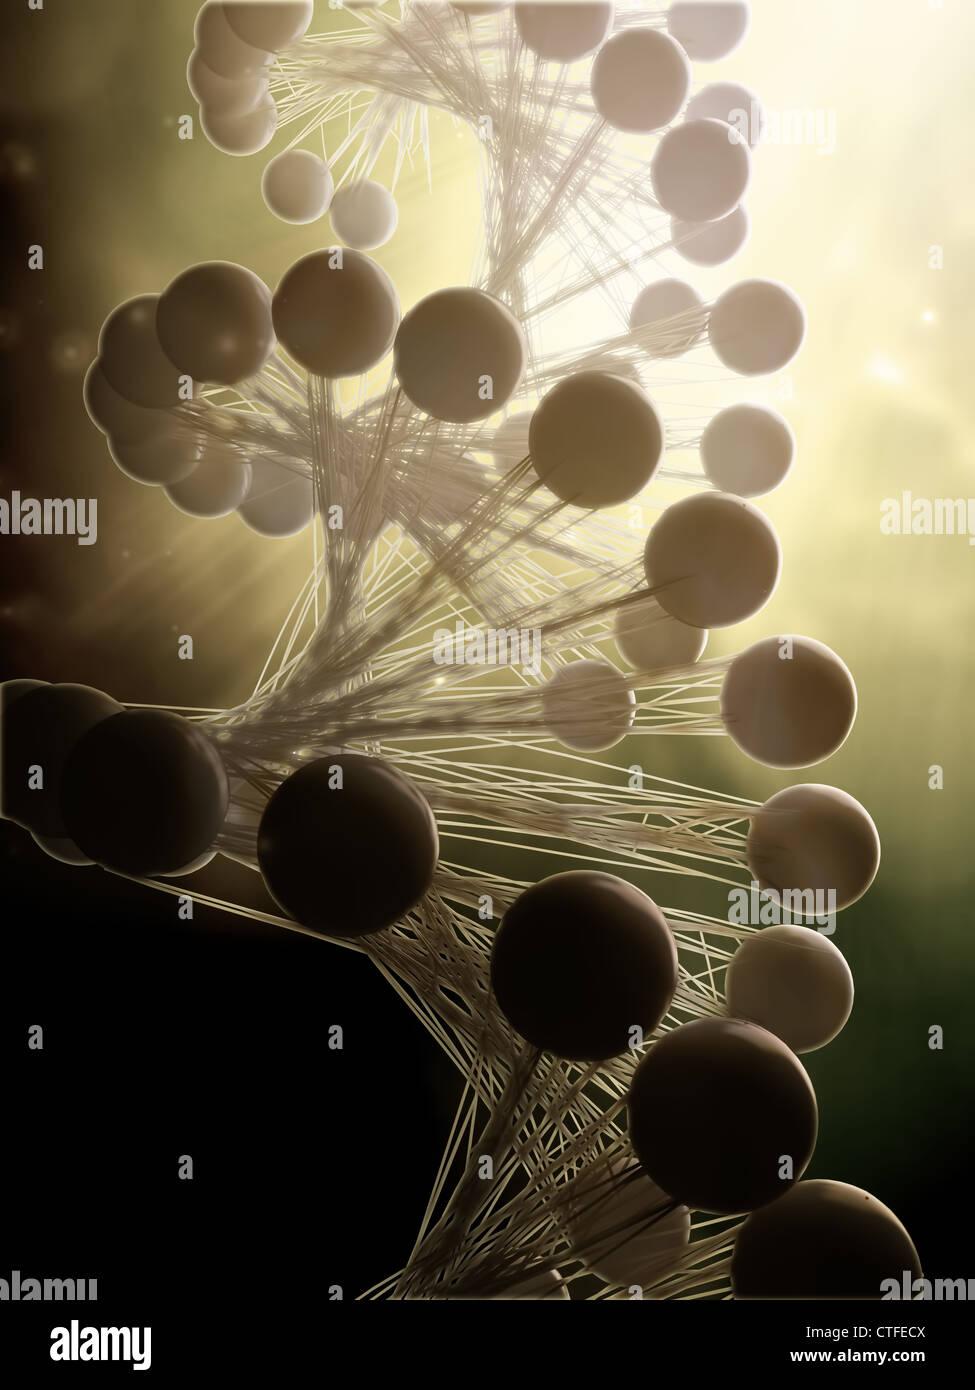 Stilisierten DNA-Doppelhelix Strang Modell Stockbild